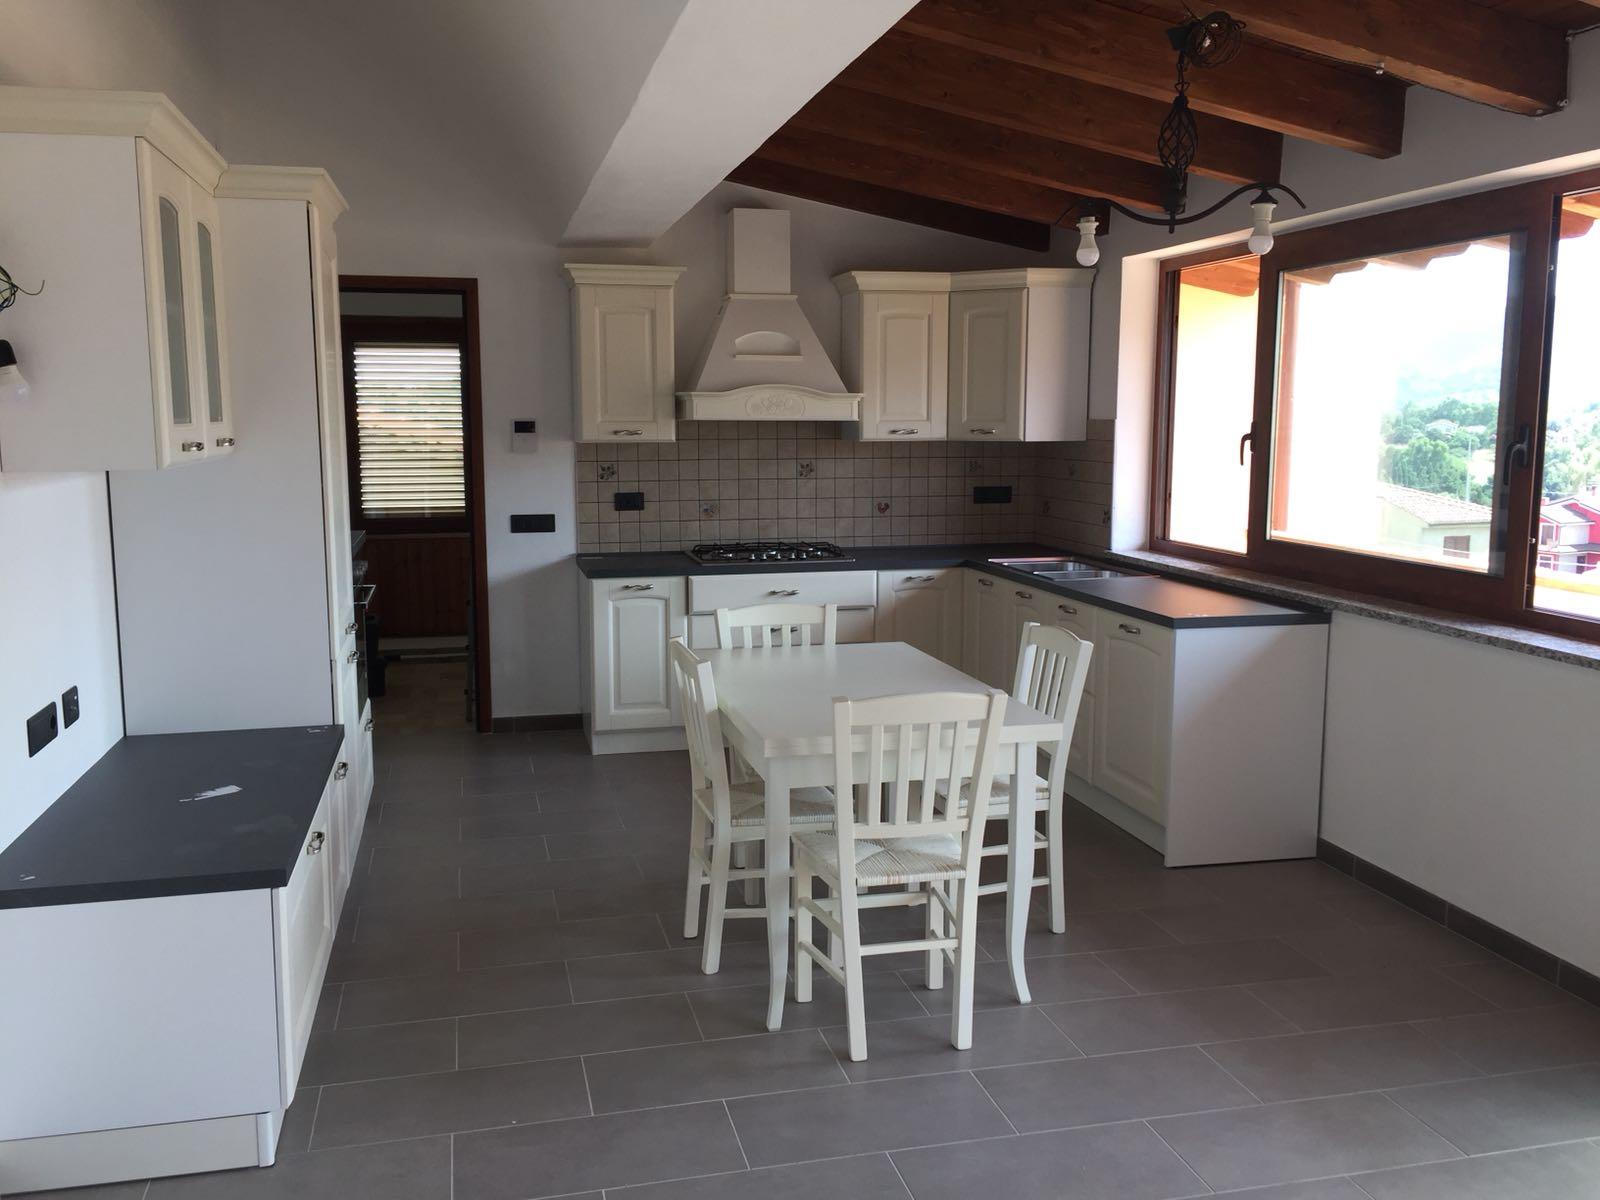 Cucine Cagliari Arredi 2000 0713 WA0001